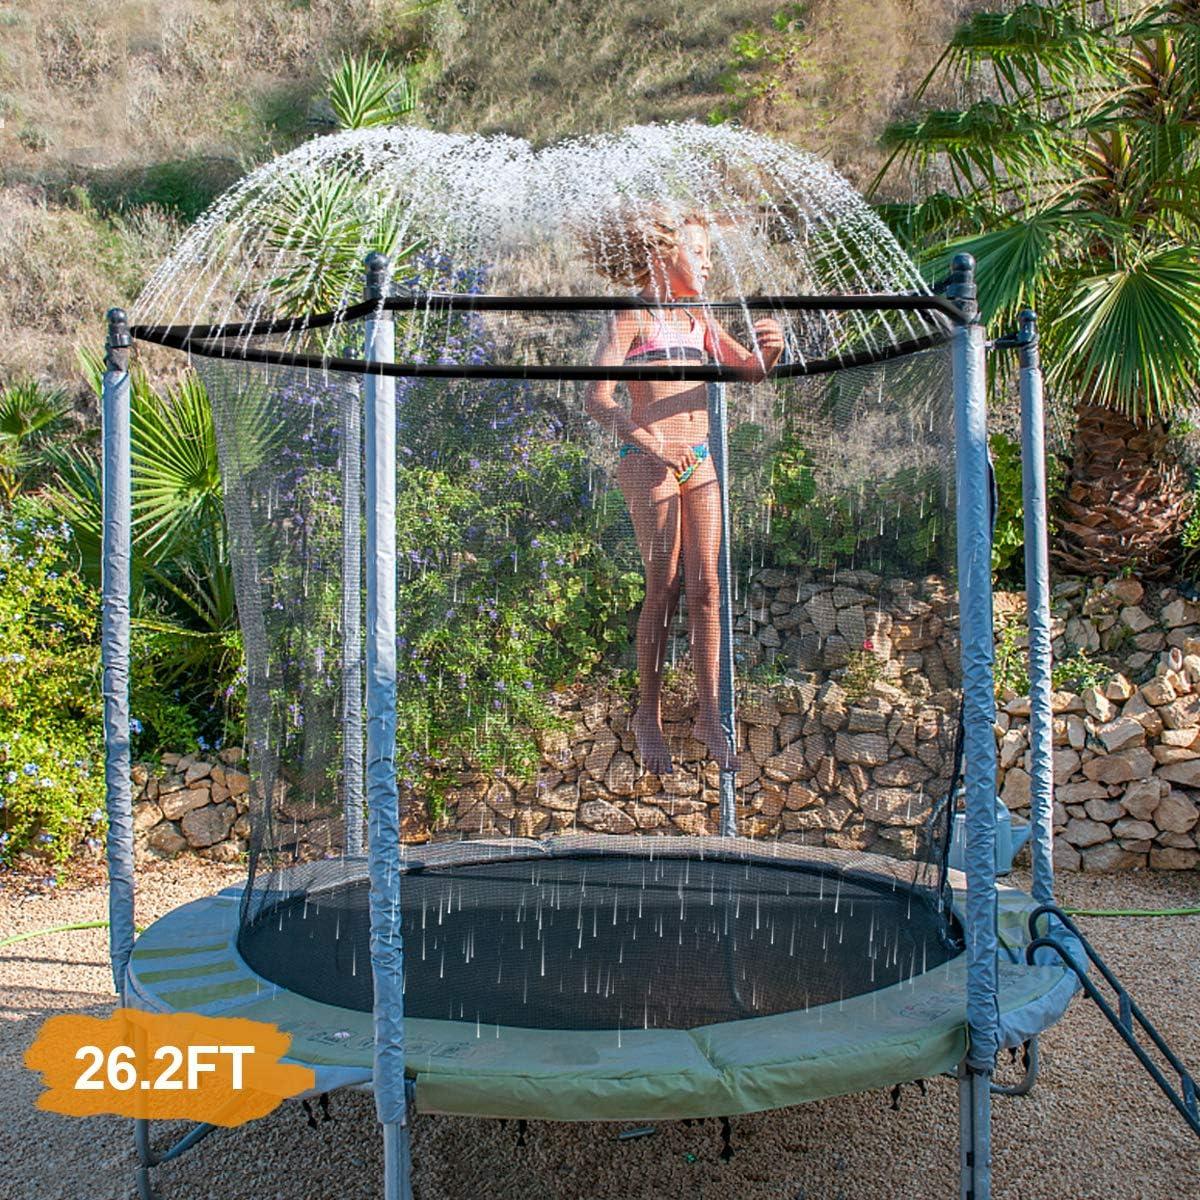 INMUA Aspersor Trampolín Set, Rociador de Trampolín Aspersor para Parque Acuático de Trampolín al Aaire Libre, rRociador de Diversión aAcuática de Verano para Niños Niñas (8M / 26.2FT)